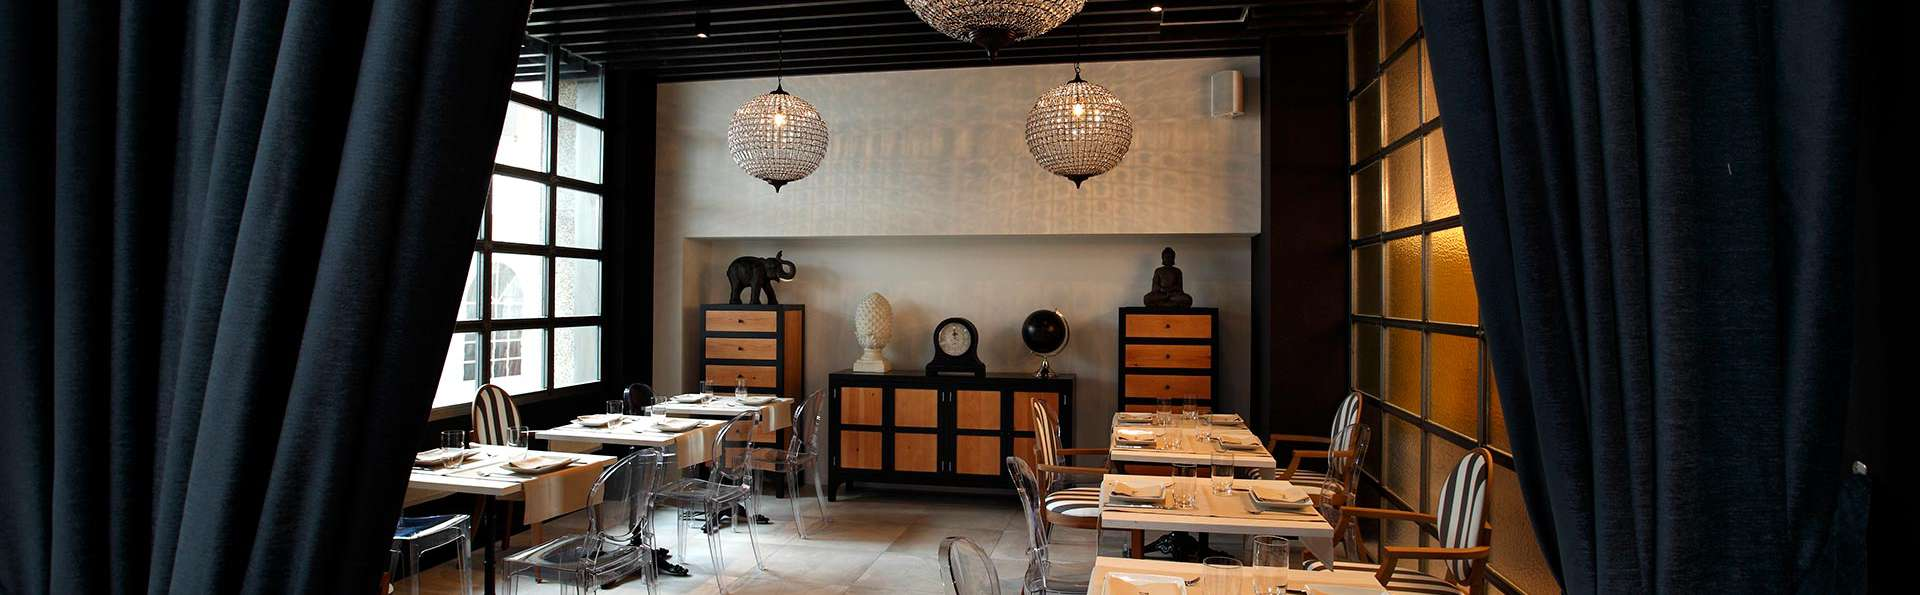 Dîner, dégustation et accès VIP dans un hôtel moderne au centre de Bilbao